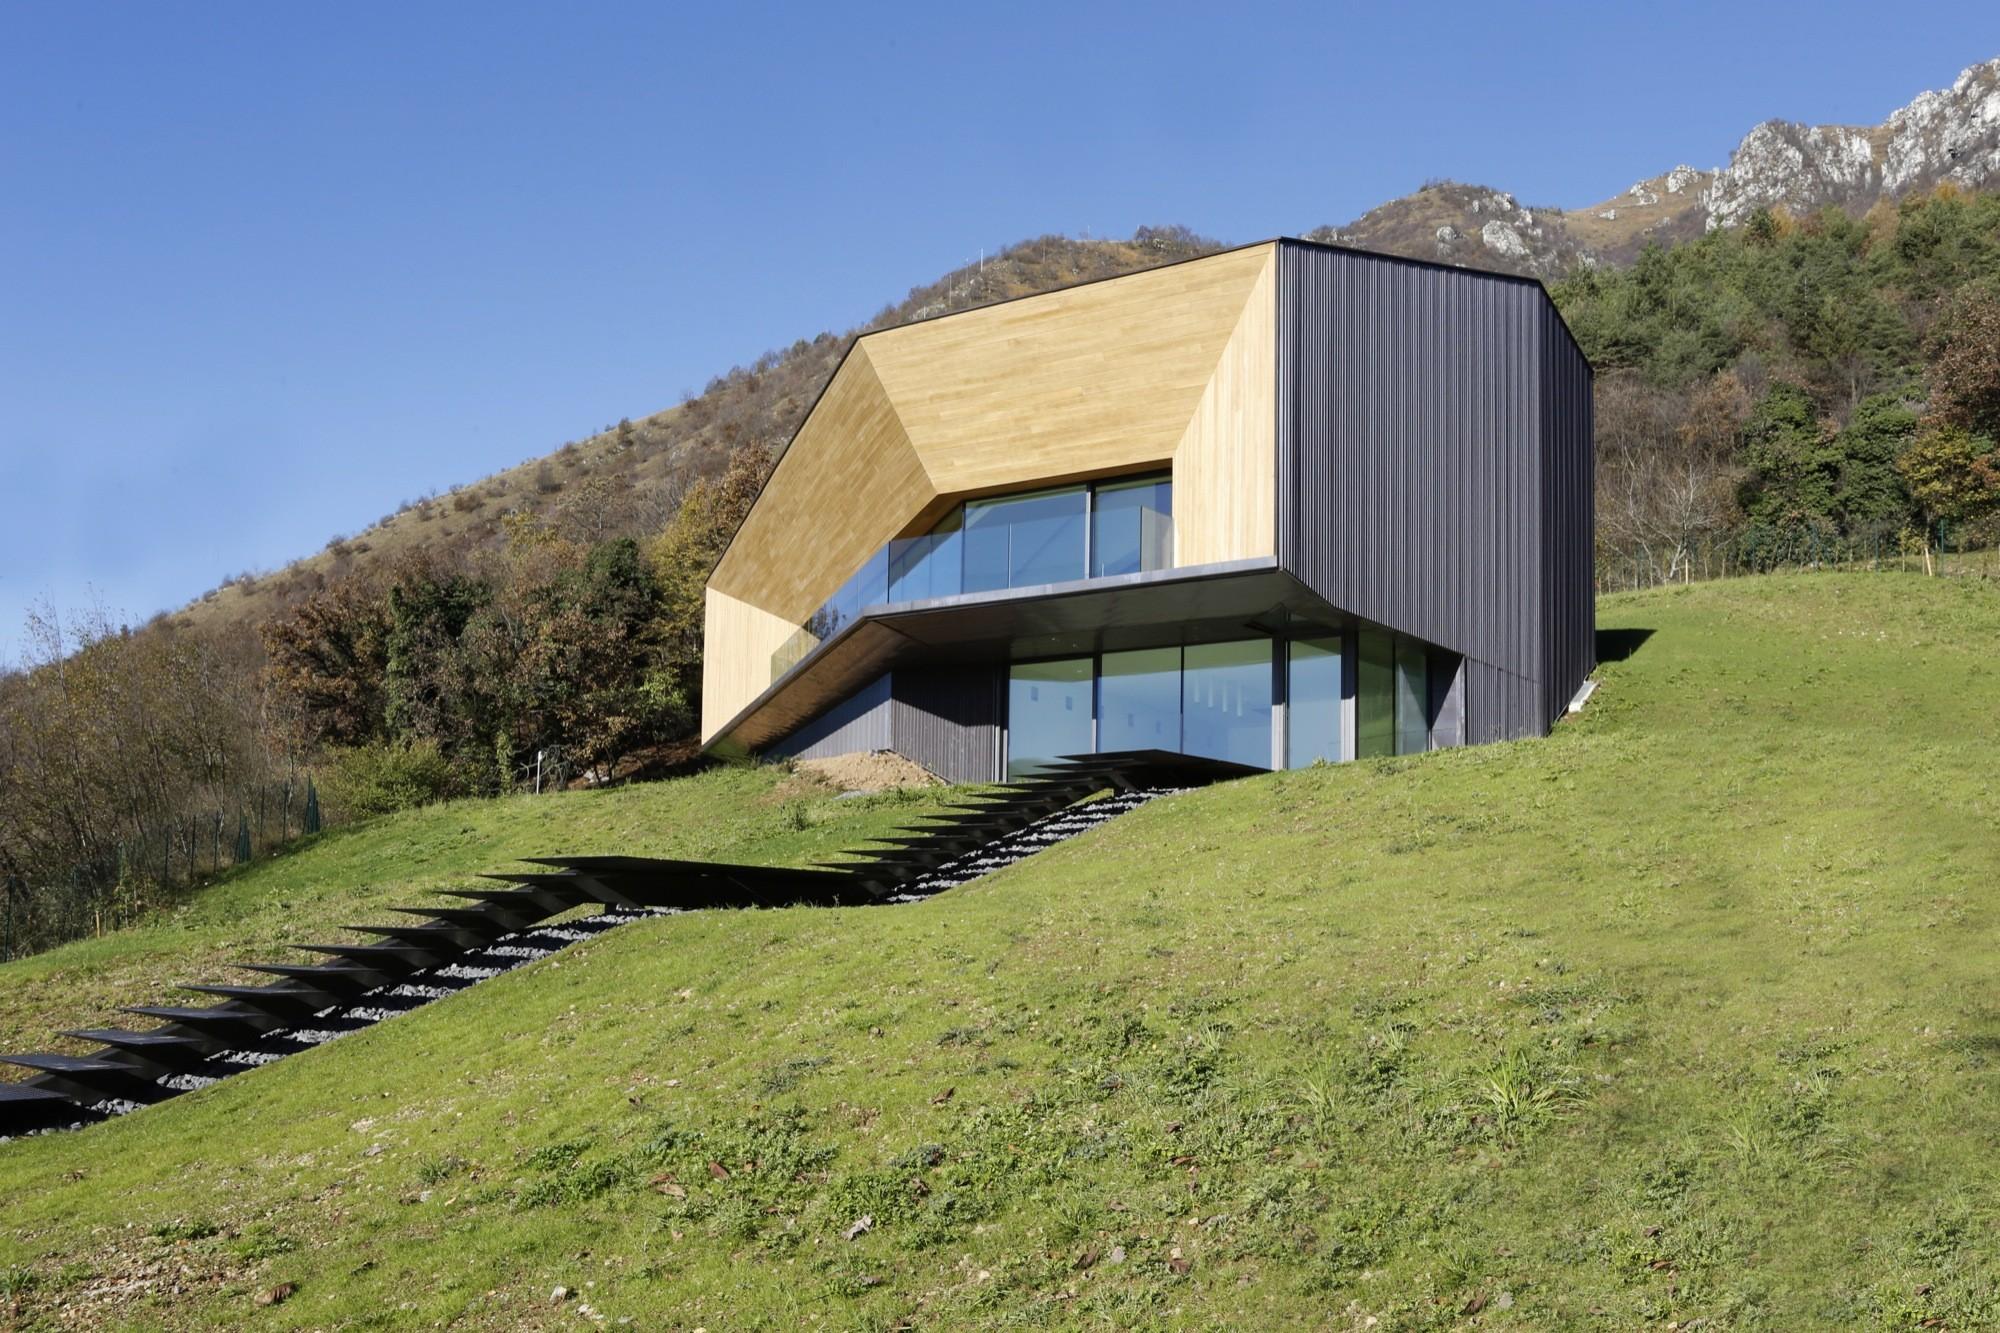 Alps villa camillo botticini archdaily for Architettura ville moderne